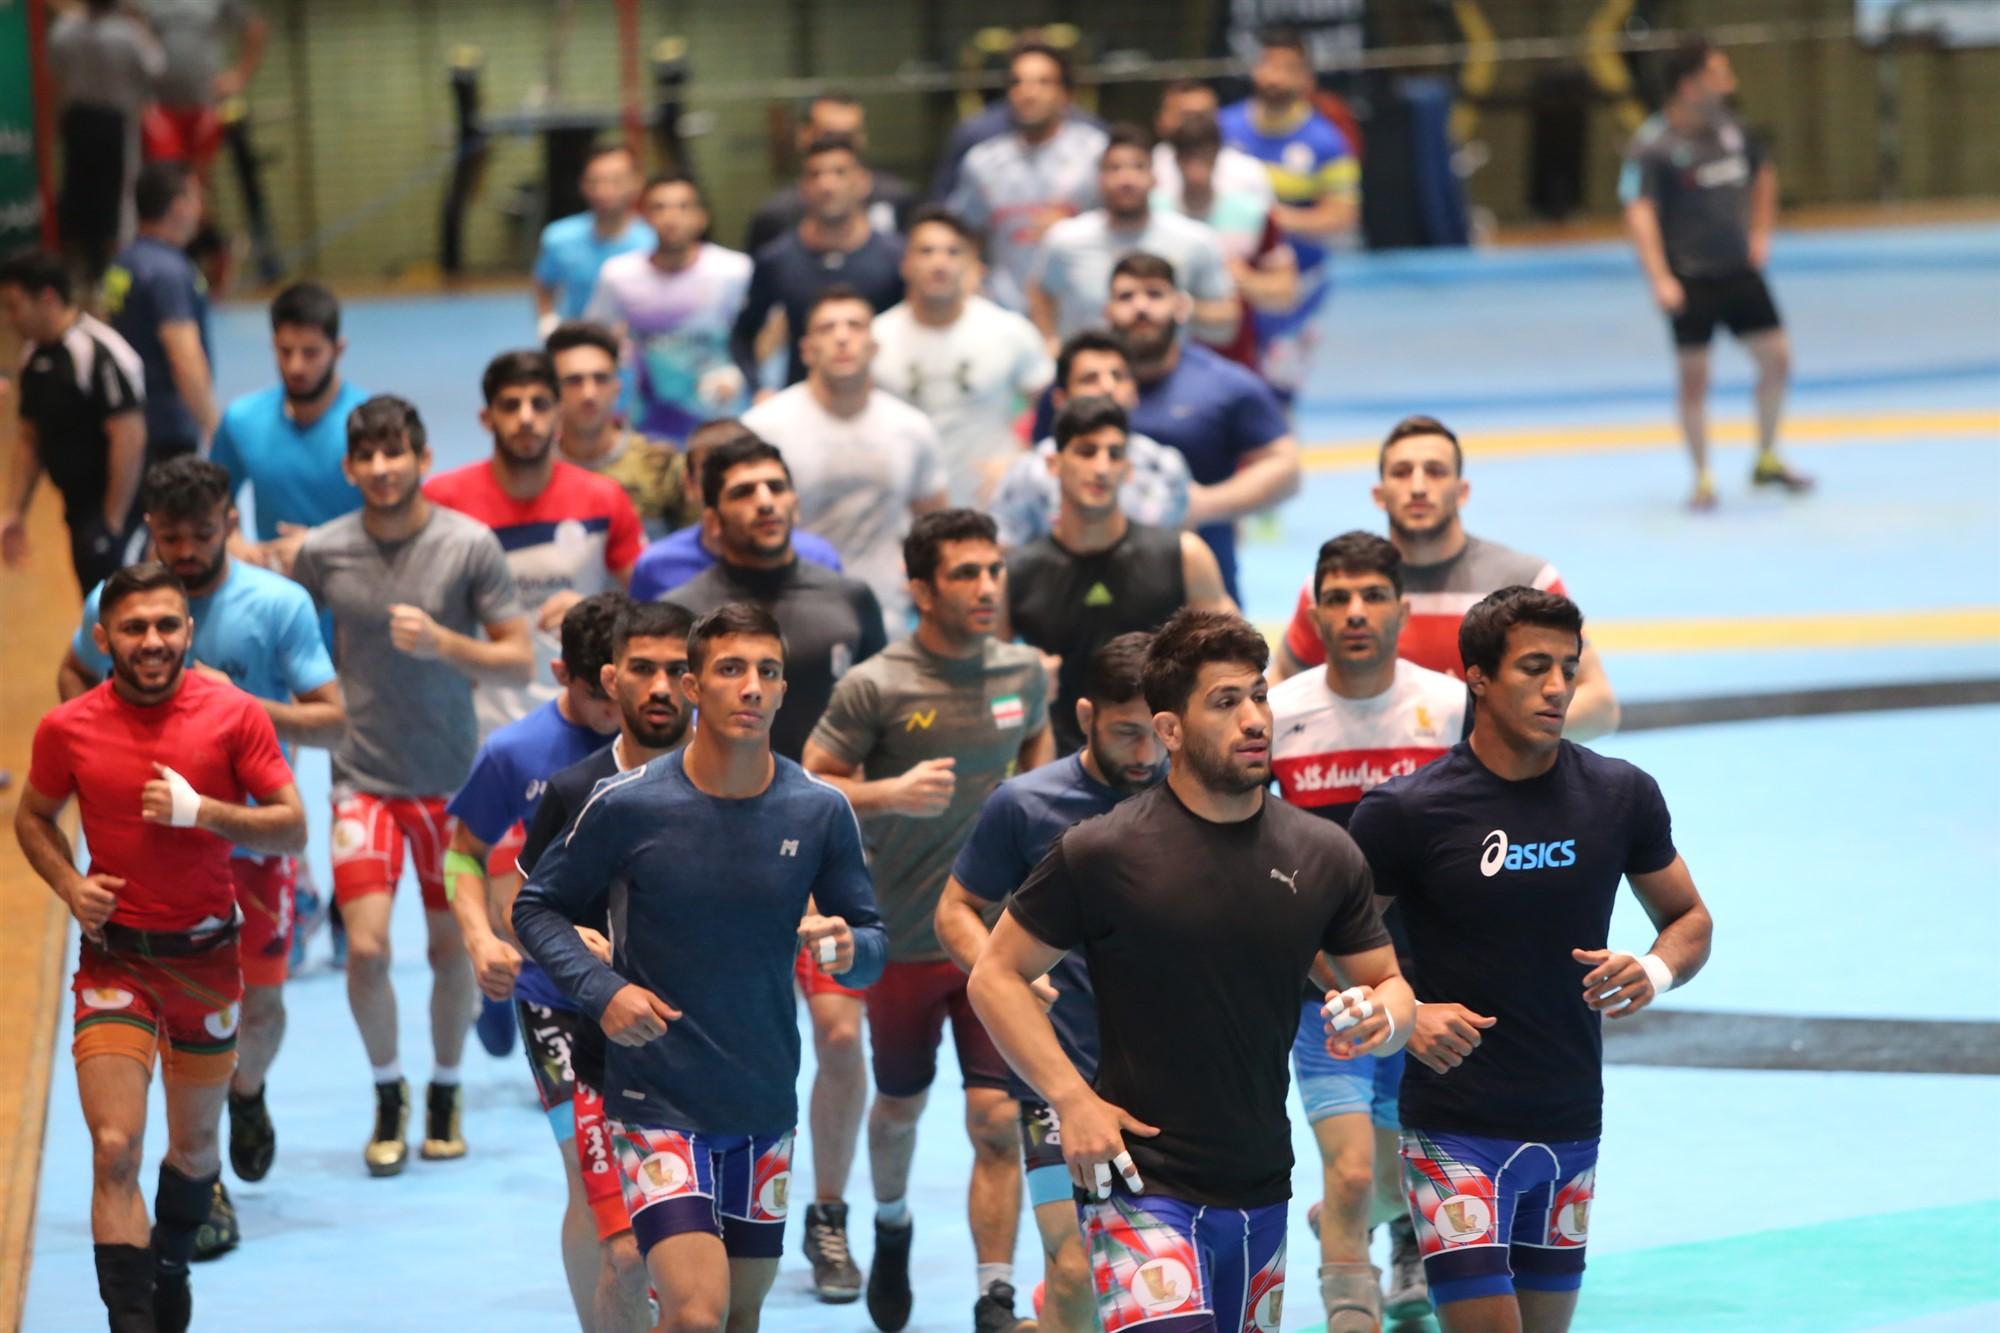 باشگاه خبرنگاران -آخرین مرحله تمرینات آزاد و فرنگی کاران برای حضور در میدان جهانی